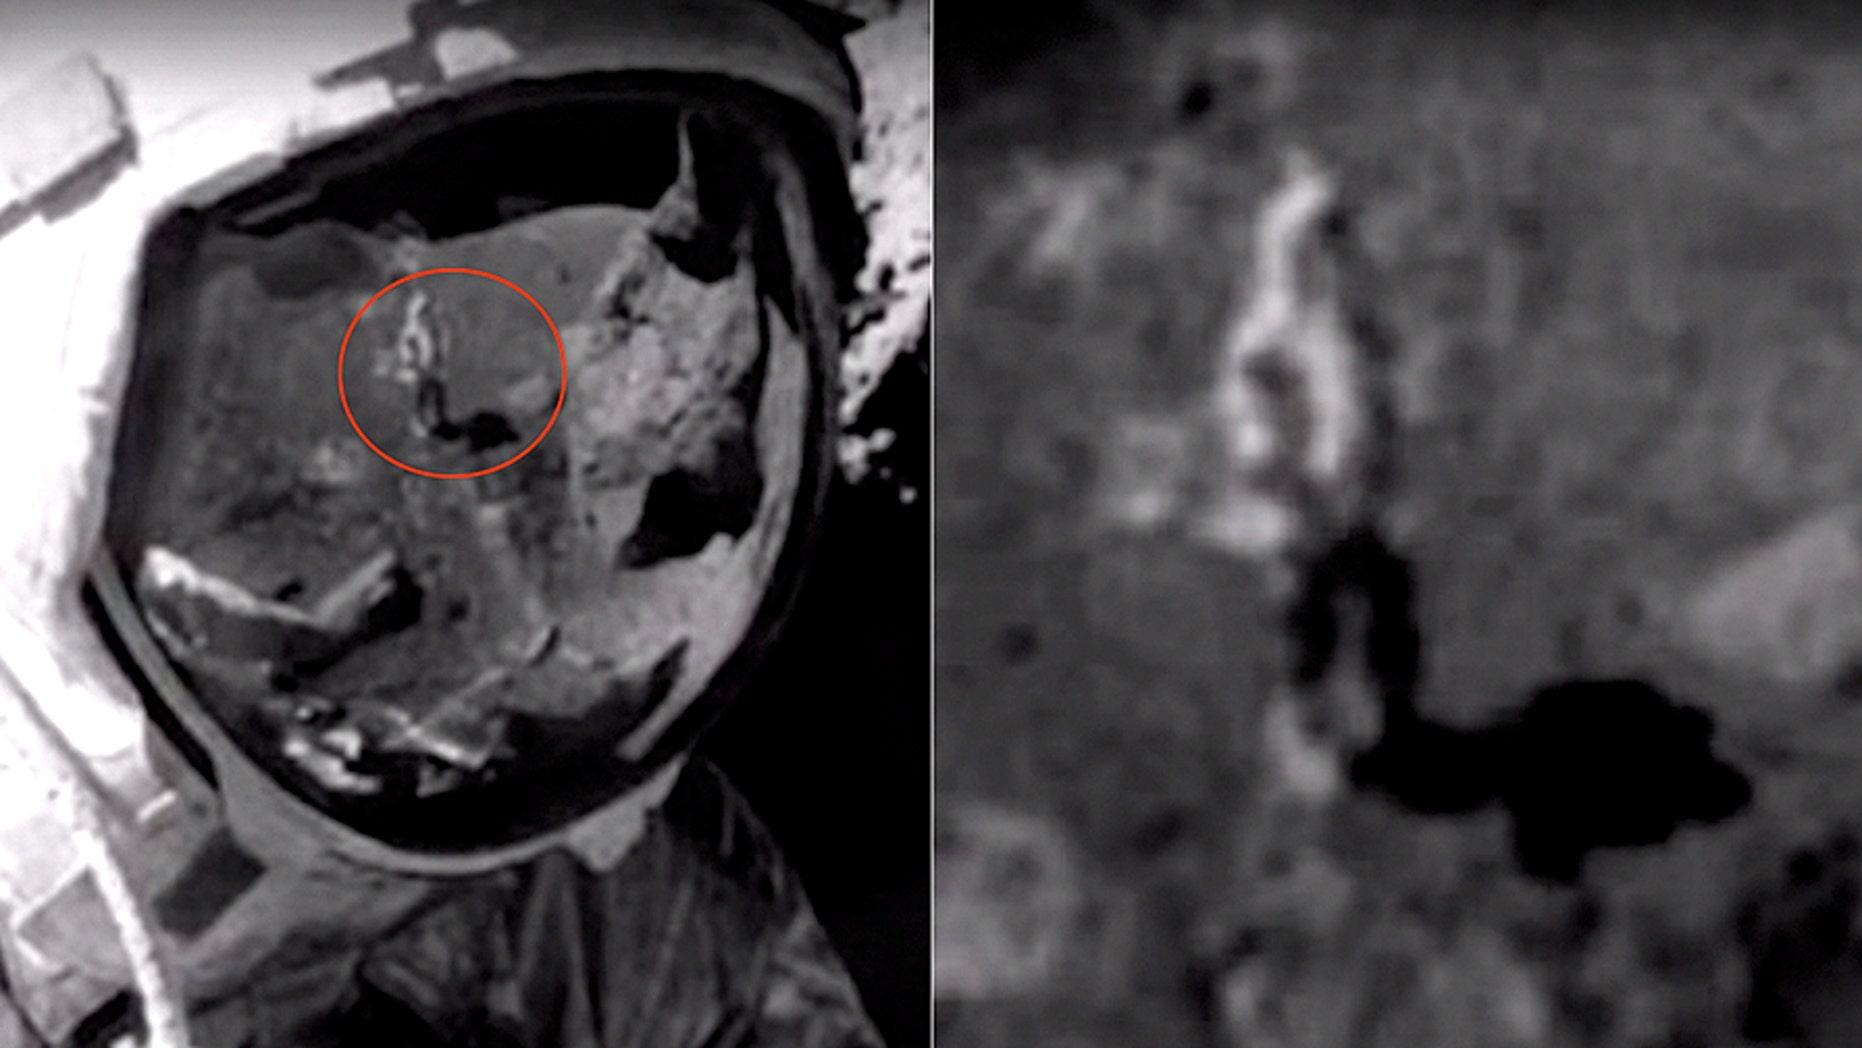 https://a57.foxnews.com/static.foxnews.com/foxnews.com/content/uploads/2018/09/1862/1048/astronaut_visor.jpg?ve=1&tl=1